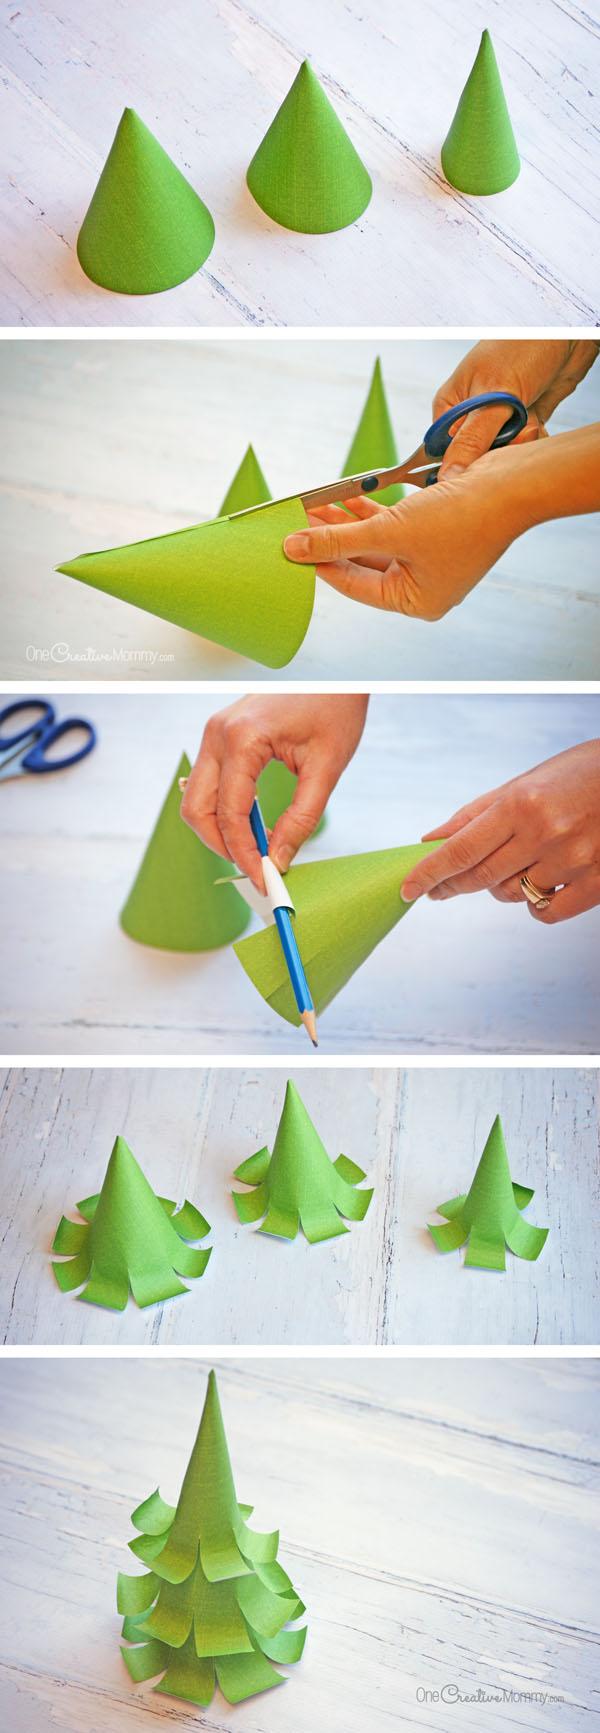 Бумажная елка-сделайте елочку